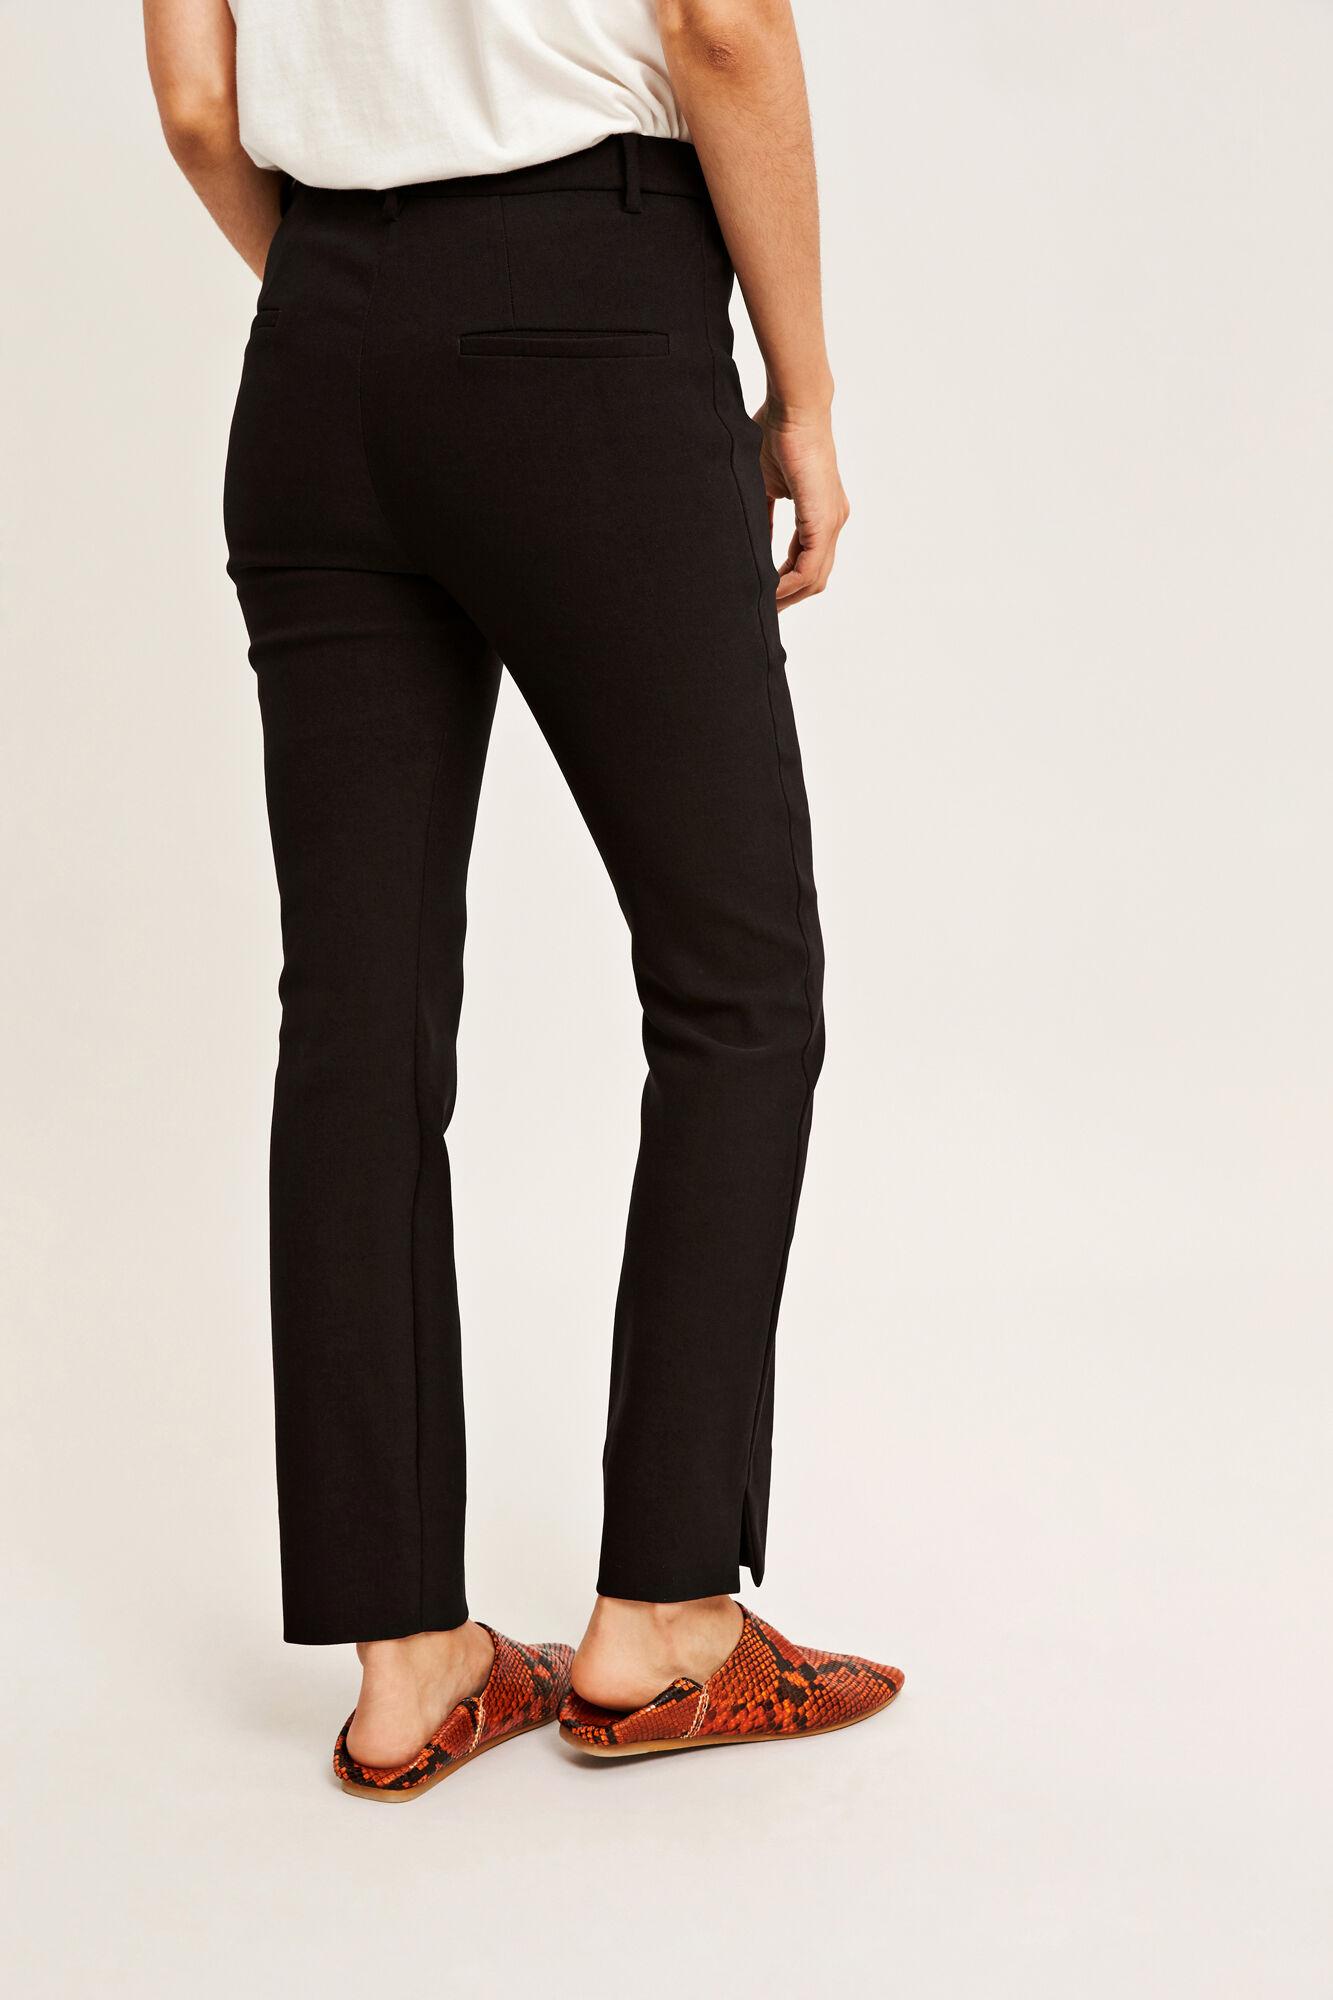 Indica pants 9724